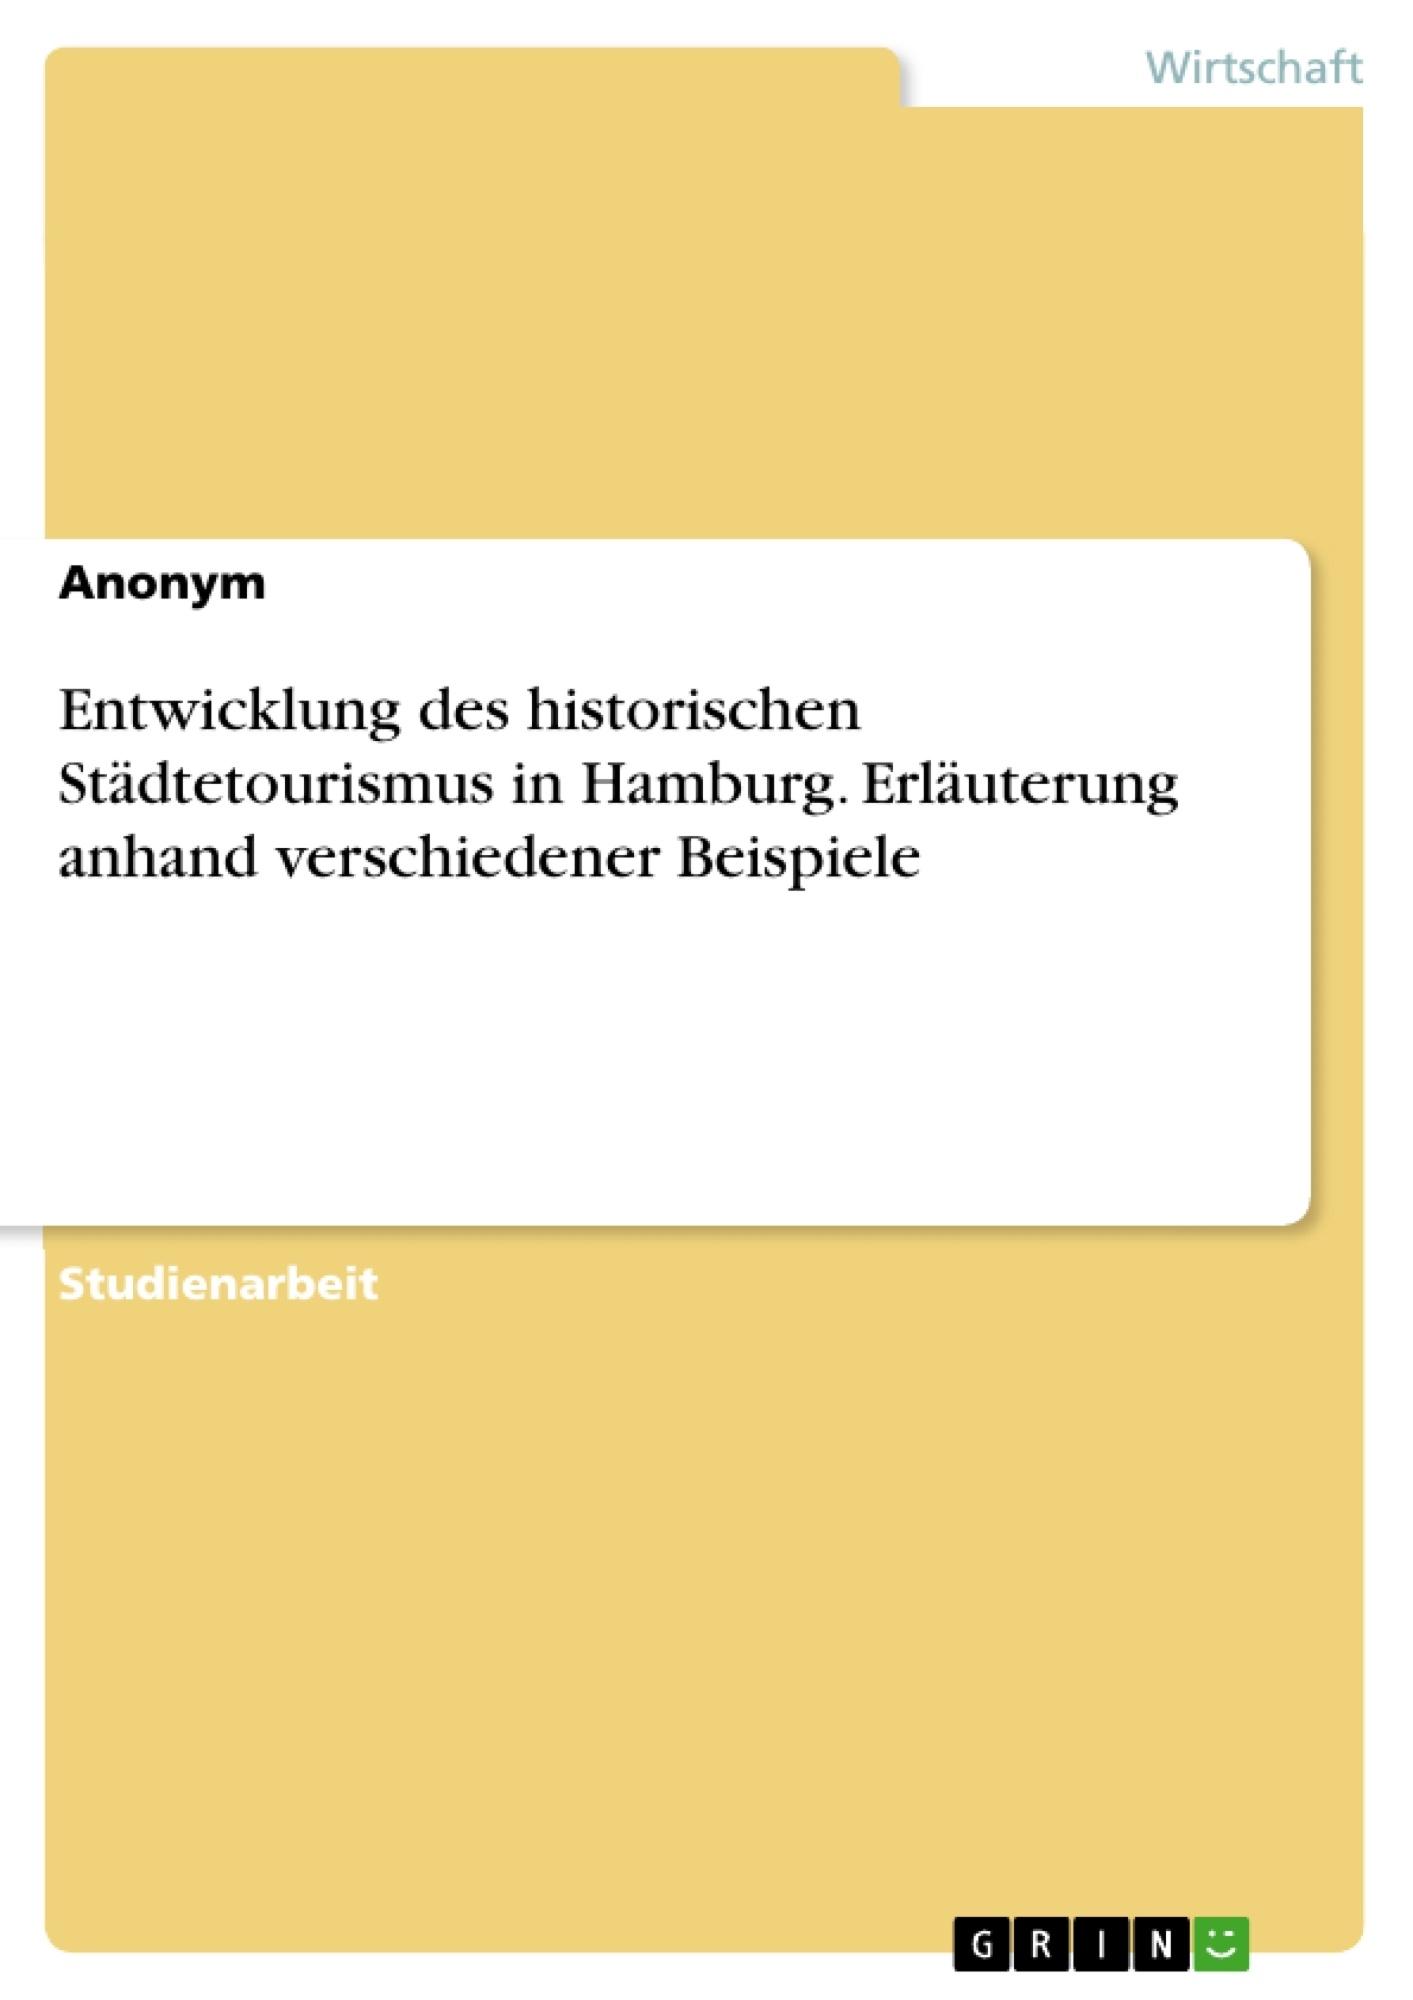 Titel: Entwicklung des historischen Städtetourismus Hamburg. Erläuterung anhand verschiedener Beispiele